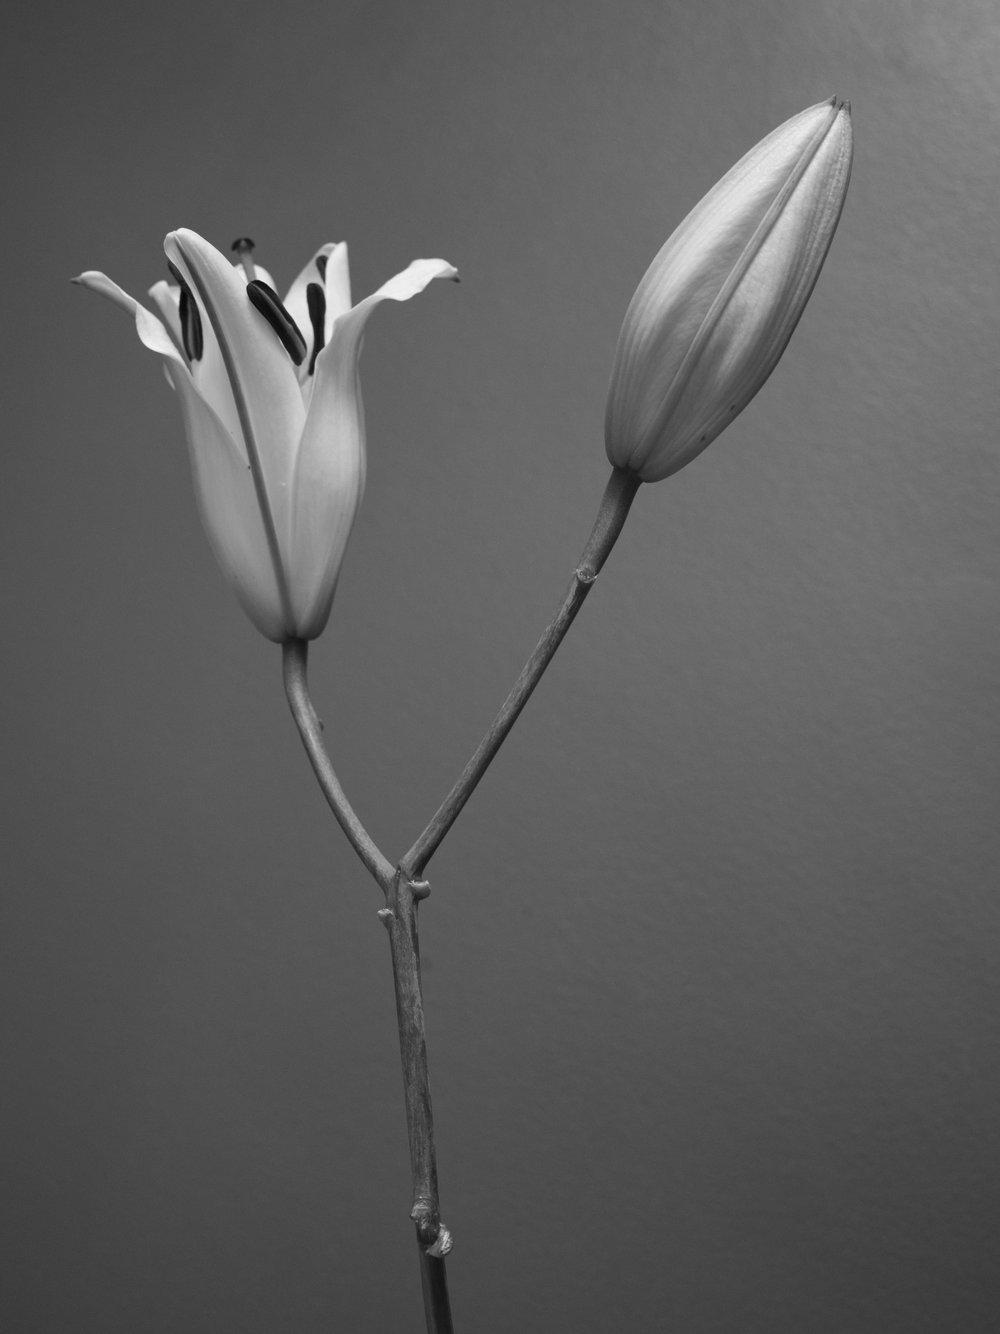 2017_ 07_Flowers_2-3.jpg